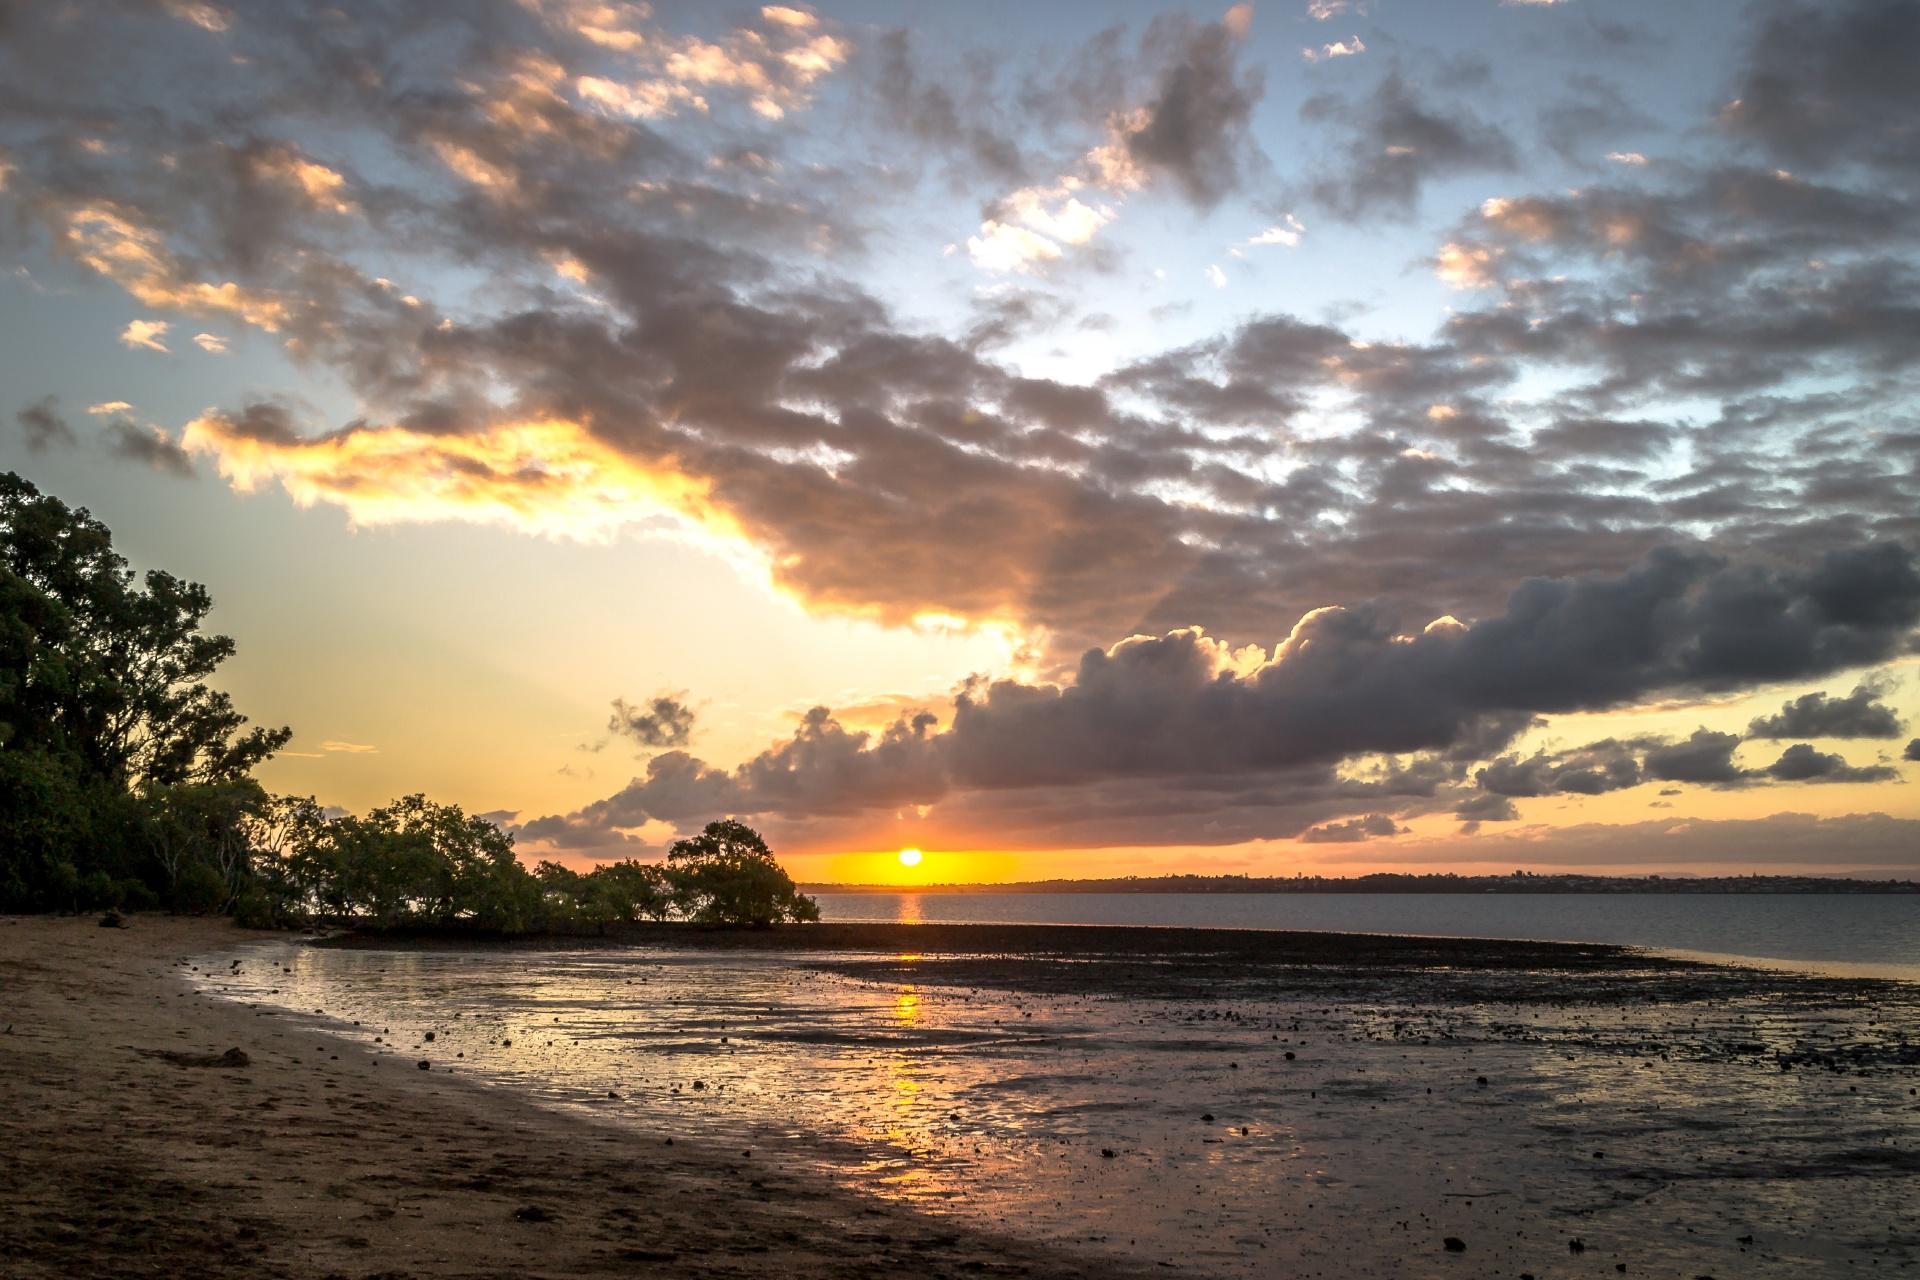 ウェリントン・ポイントの夕日 ブリスベン オーストラリアの風景